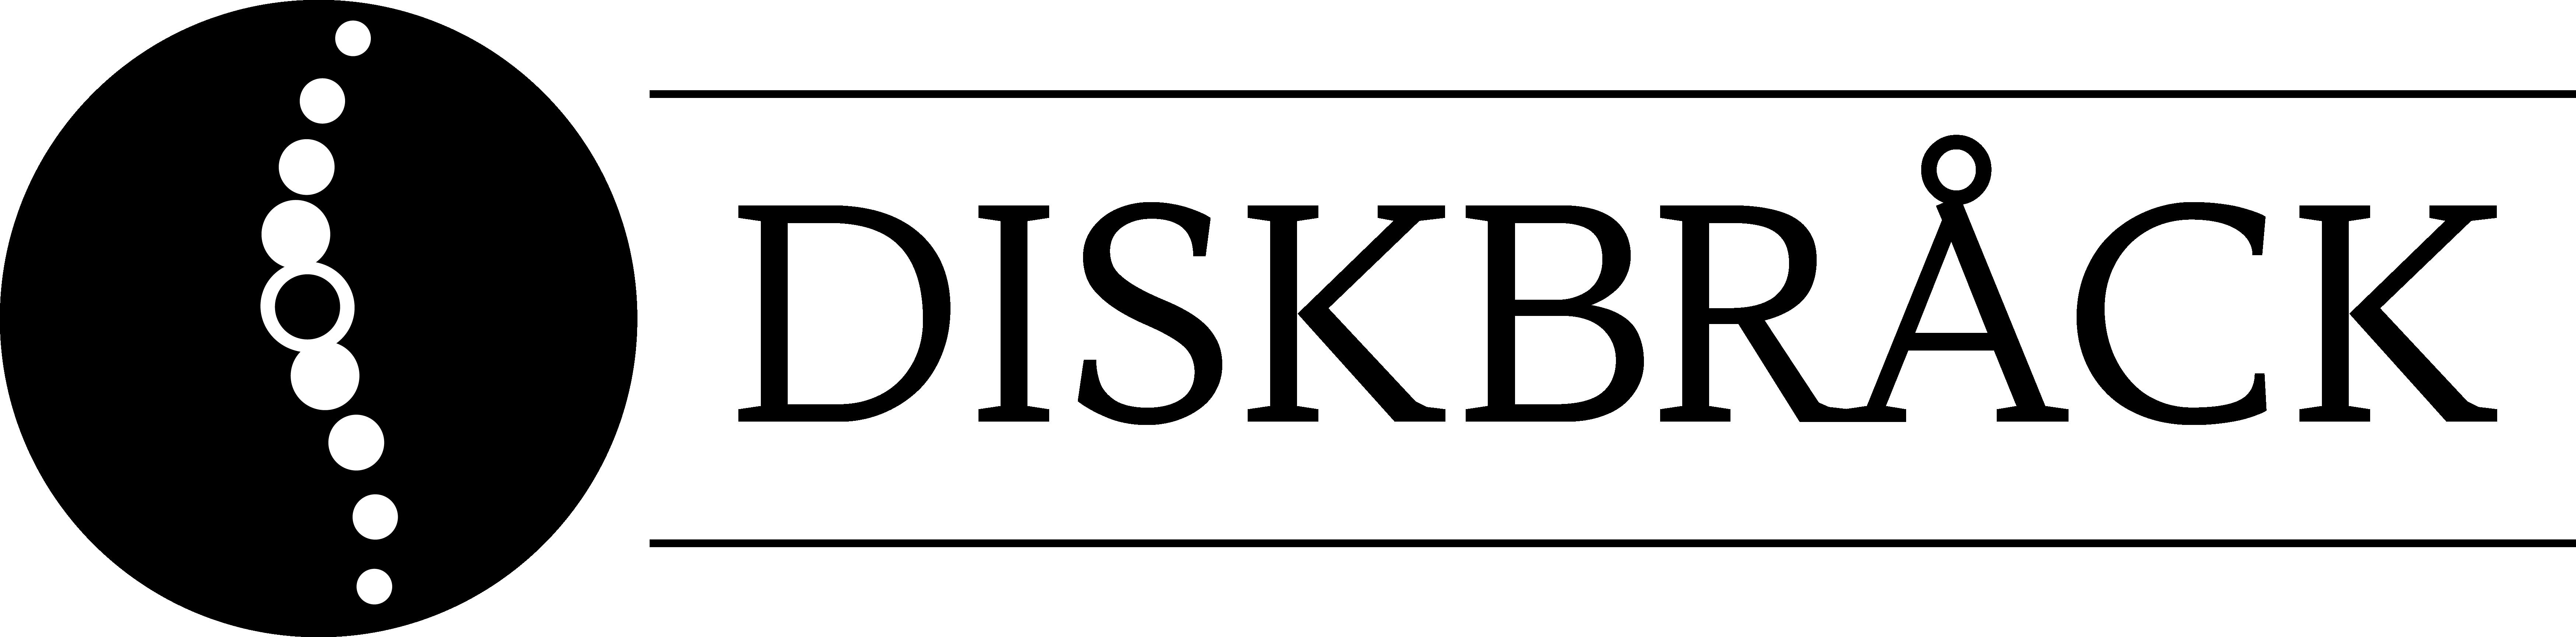 Diskbråck